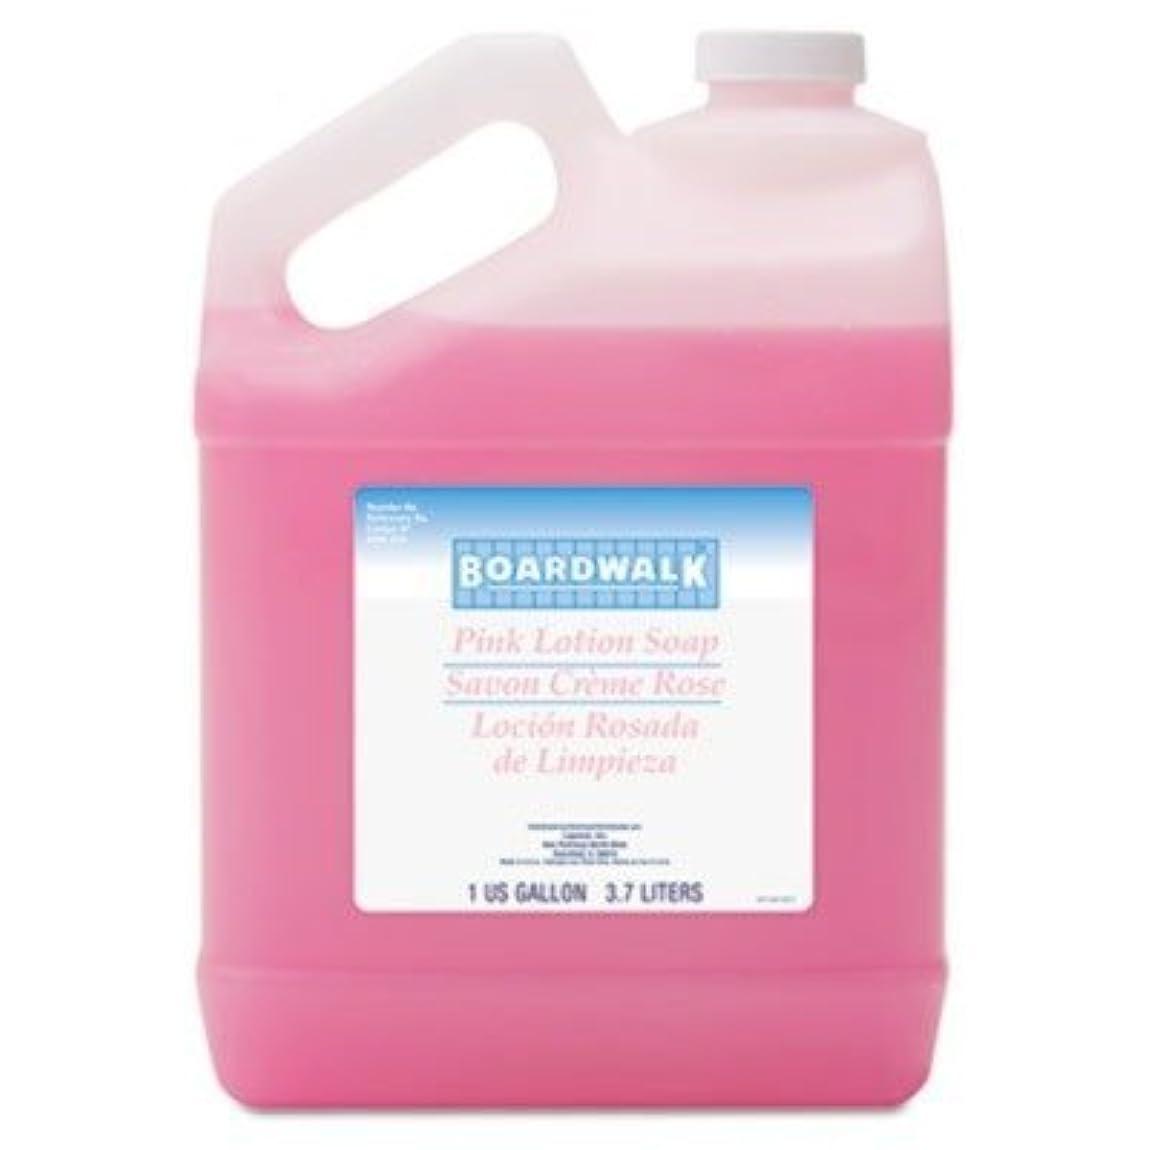 探検告発者逃げるbwk410 – Mild Cleansing Lotion Soap、LTピンク花柄香り、液体、1ガロンボトル